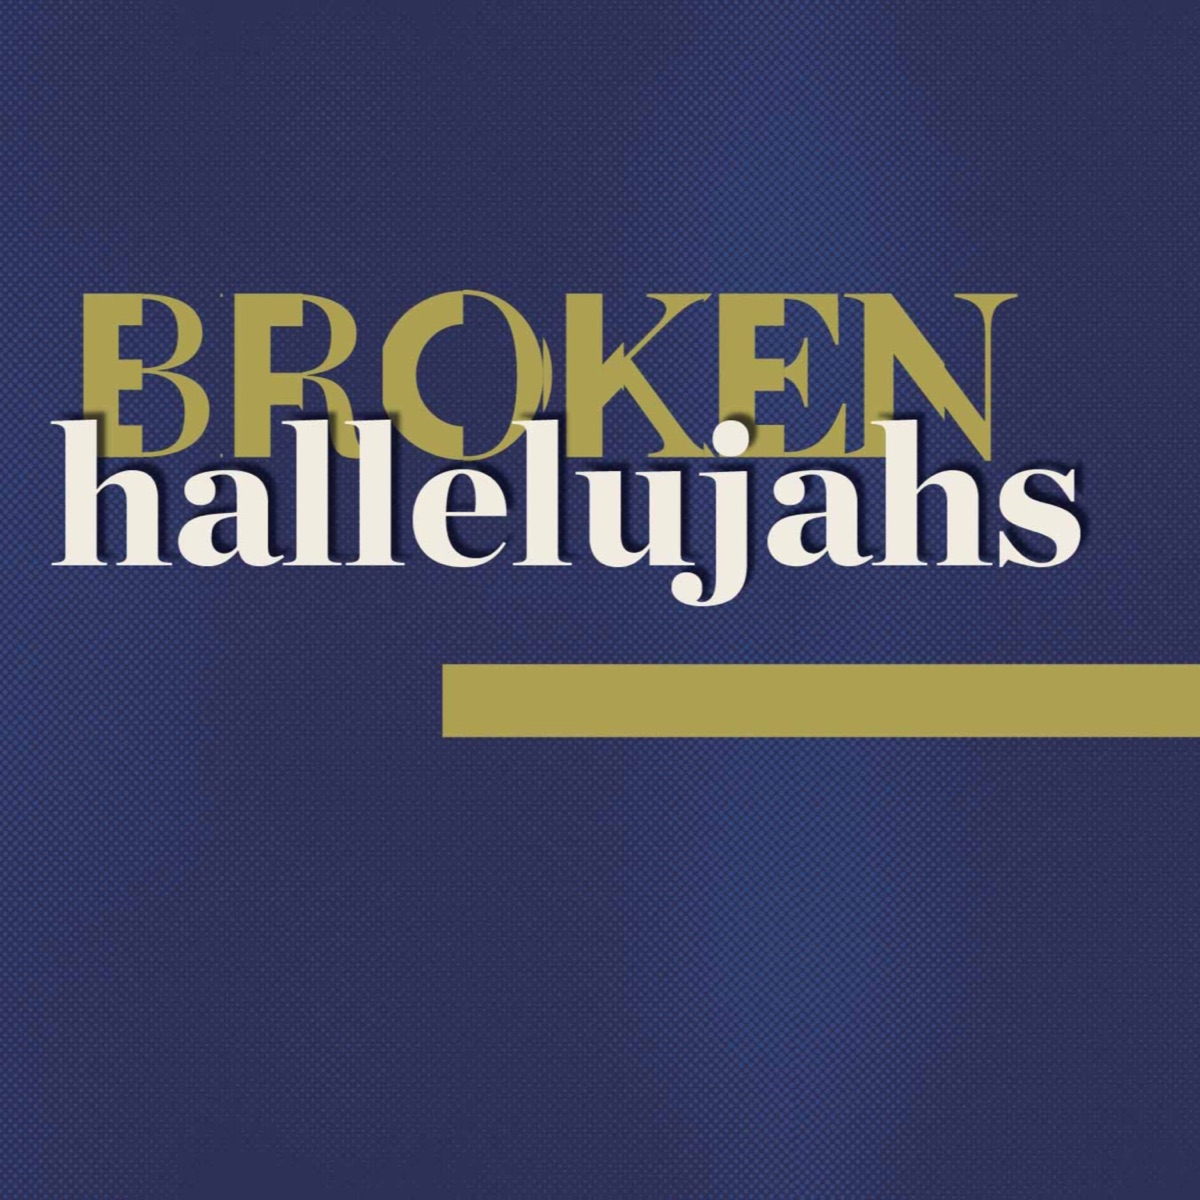 Broken Hallelujahs